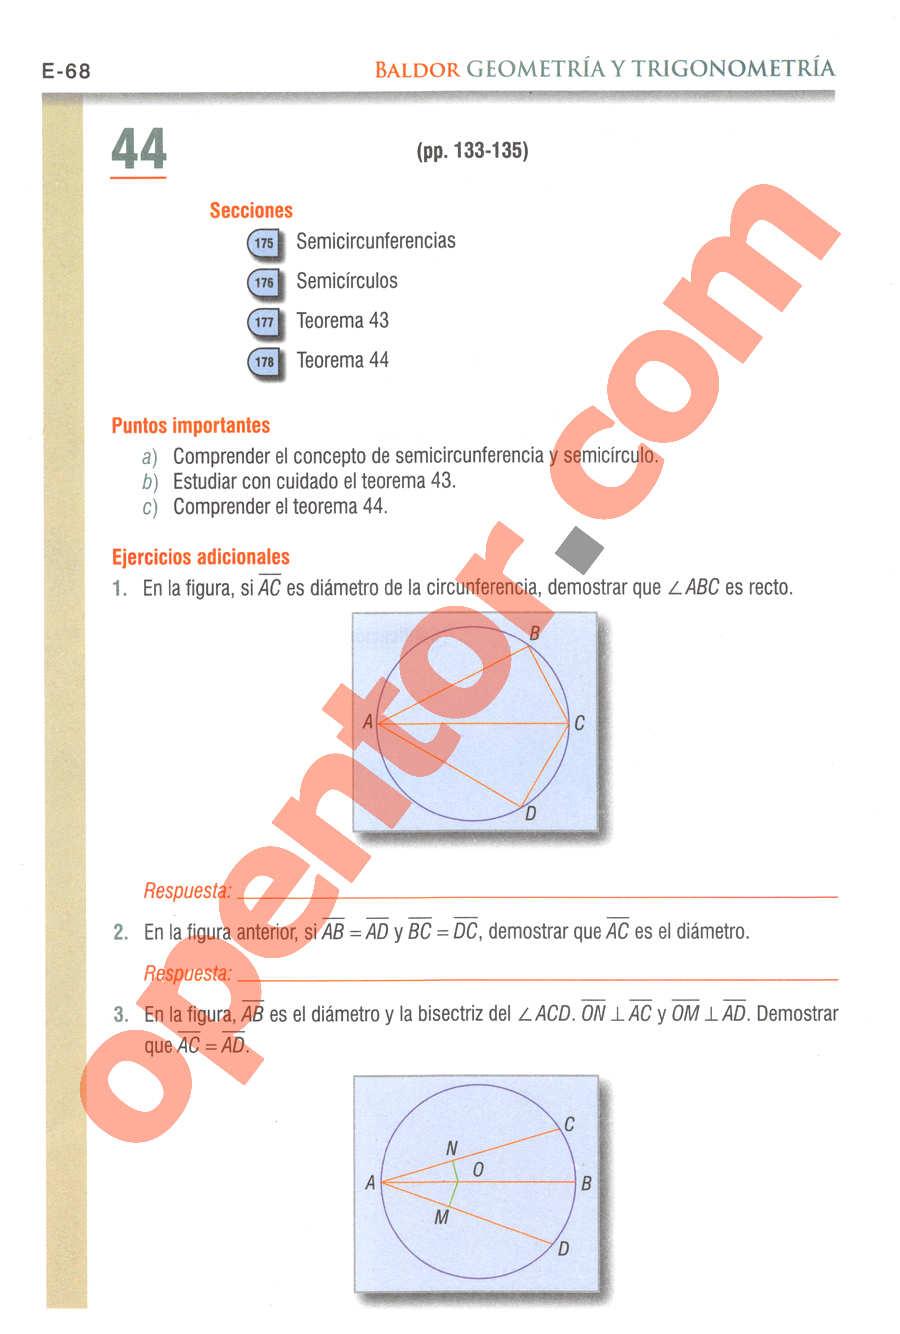 Geometría y Trigonometría de Baldor - Página E68